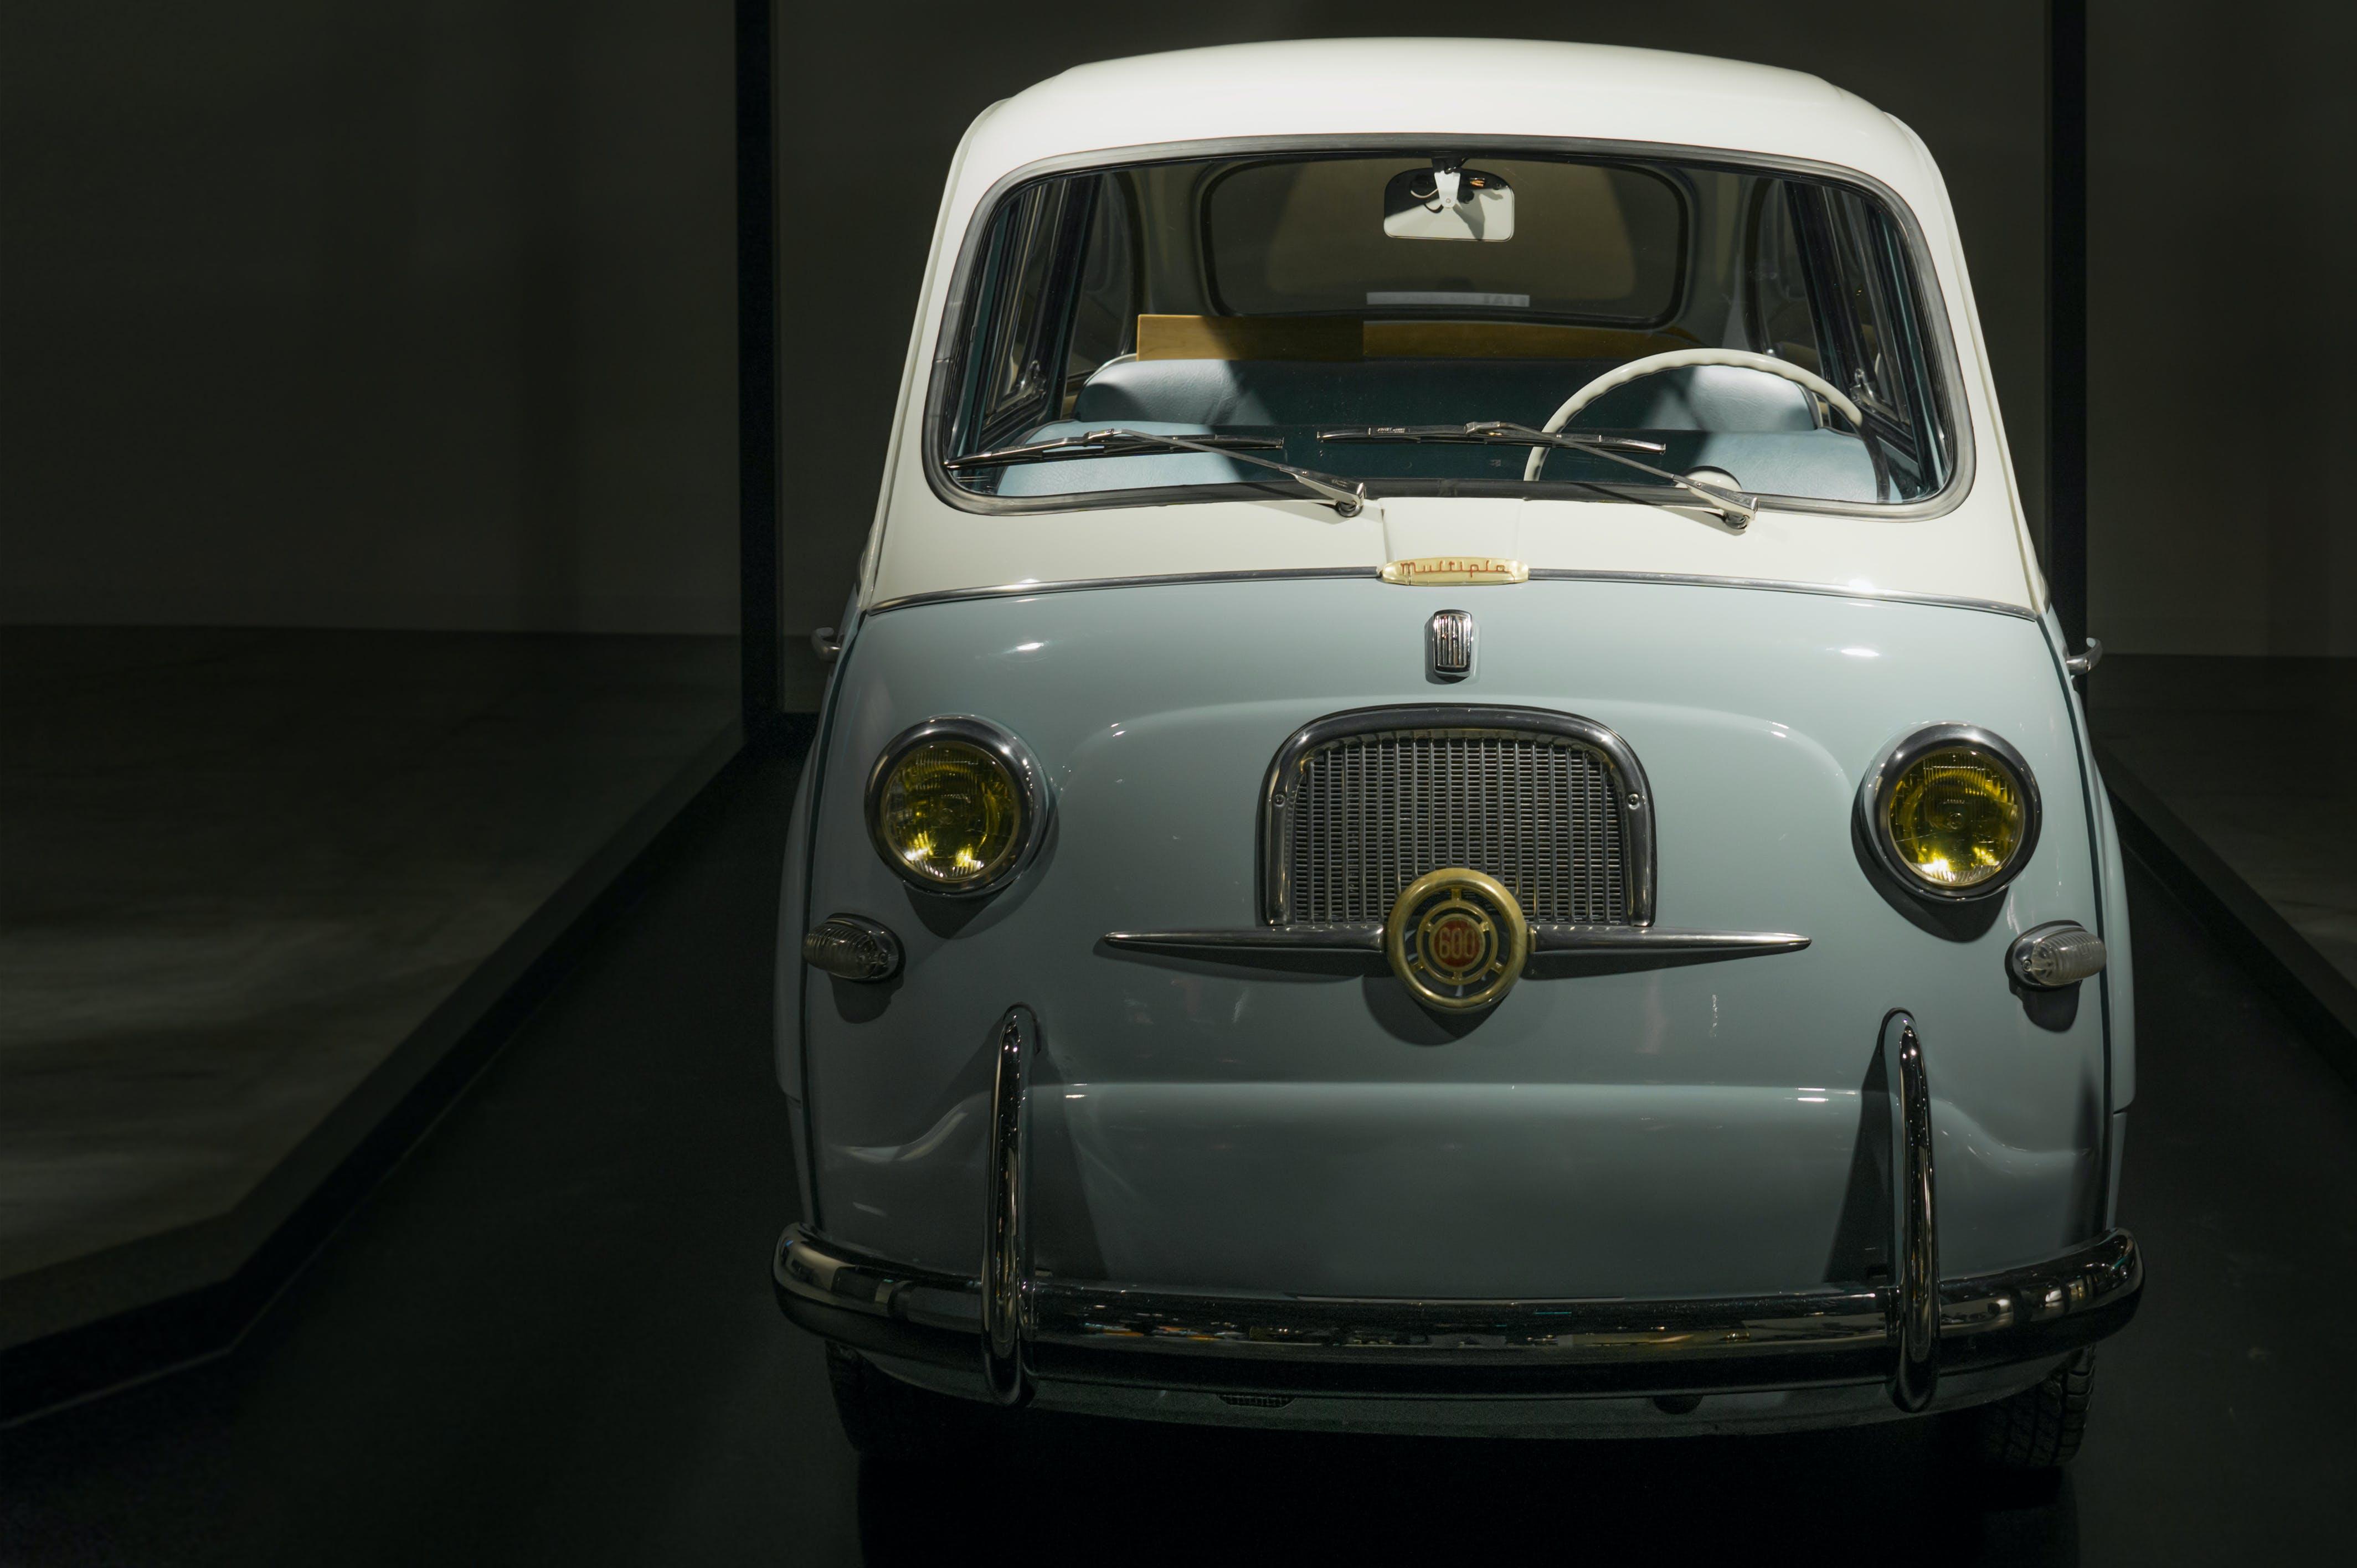 White and Gray Cadillac Car